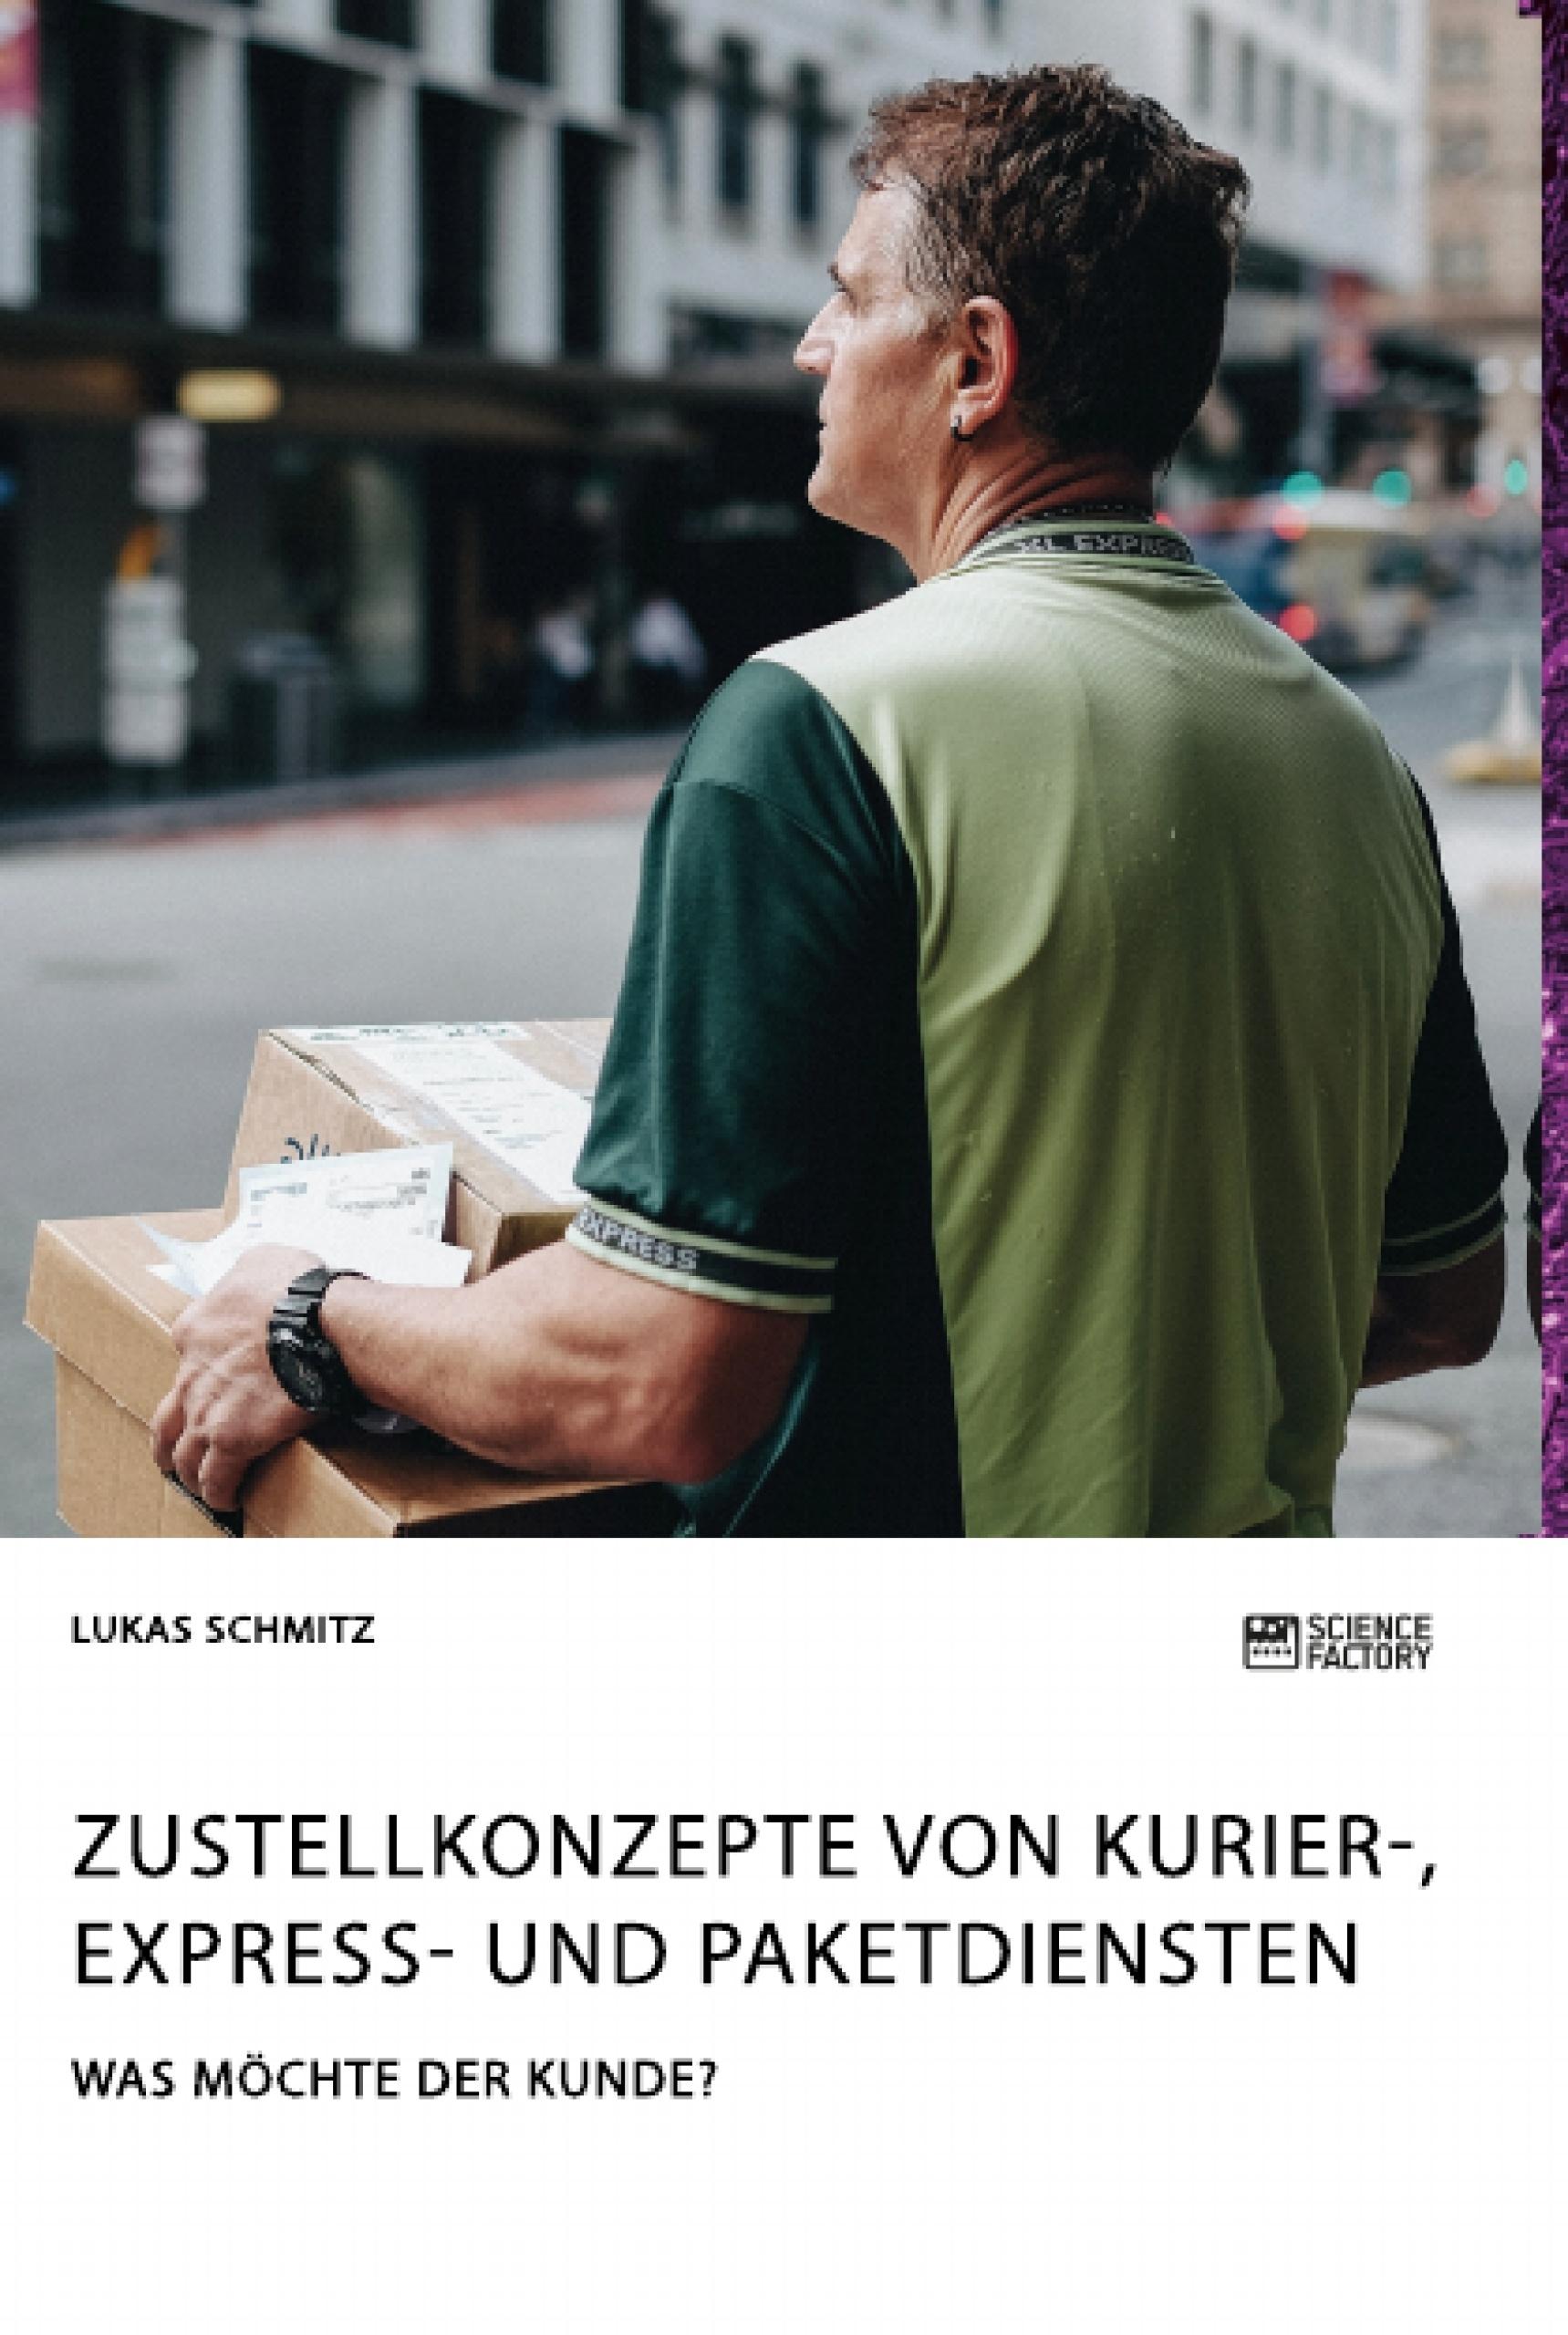 Titel: Zustellkonzepte von Kurier-, Express- und Paketdiensten